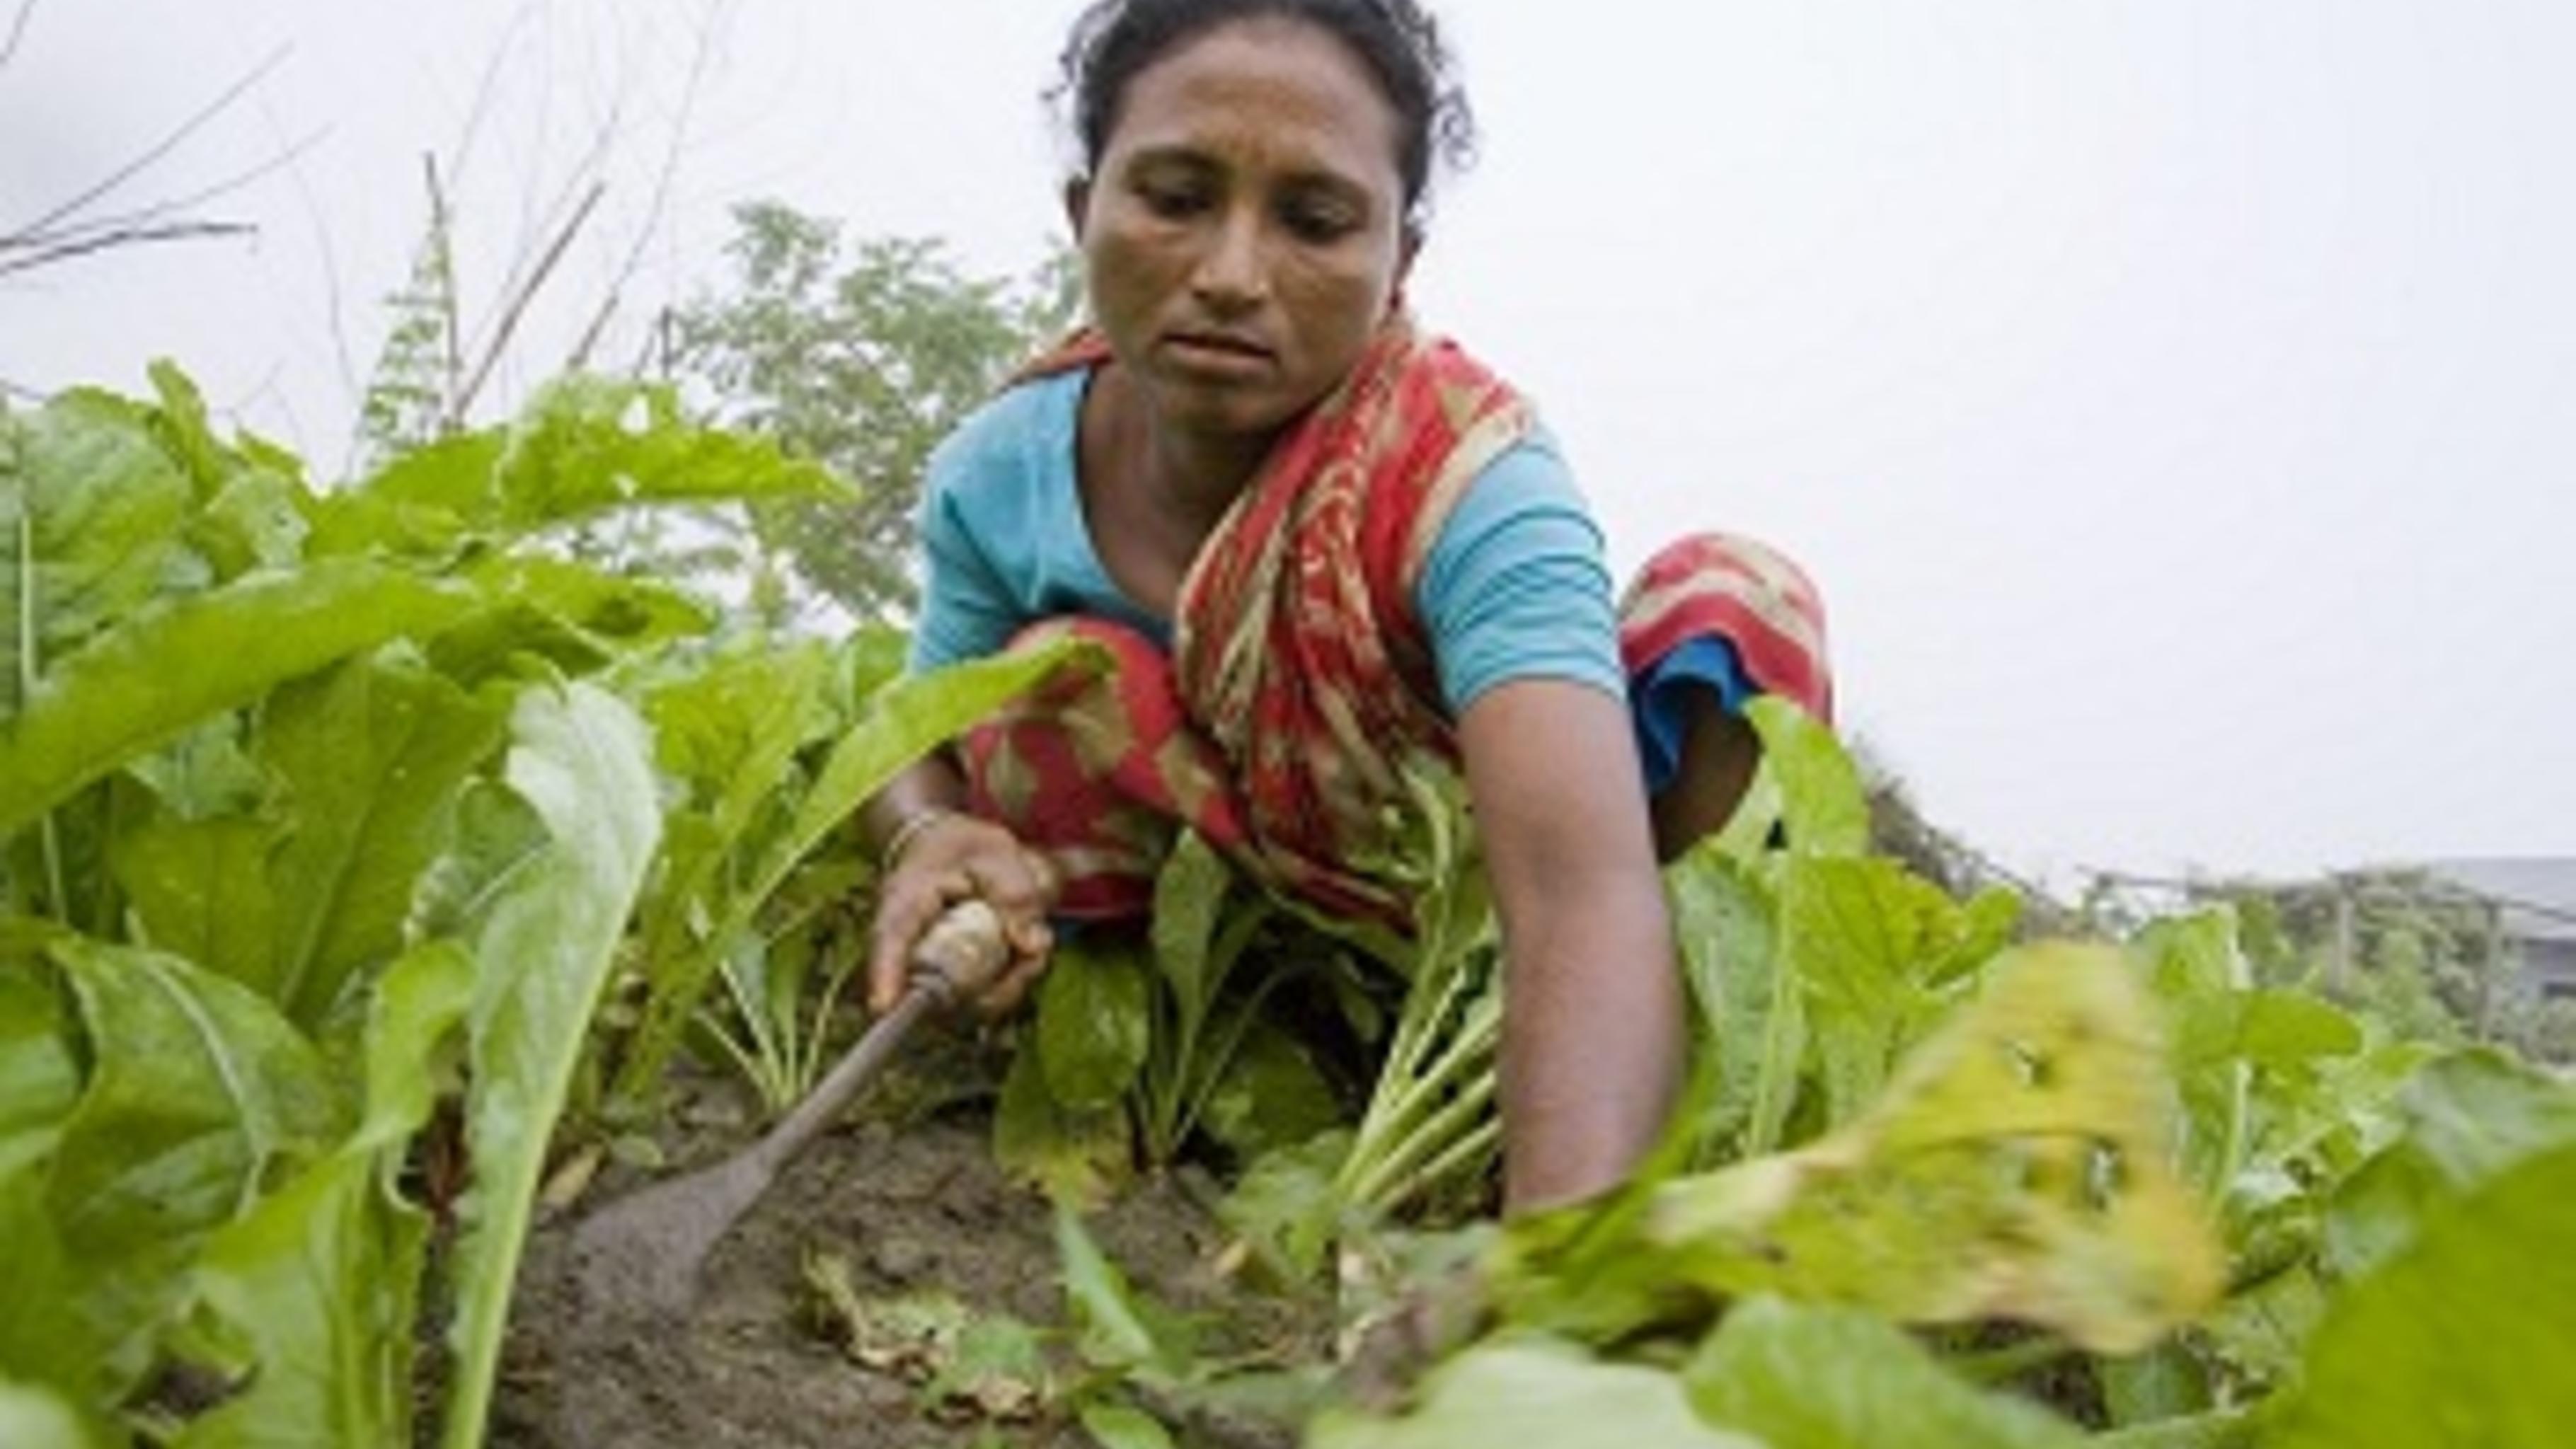 Die häufigen Überschwemmungen zerstören Hasina Begums Gemüsegarten